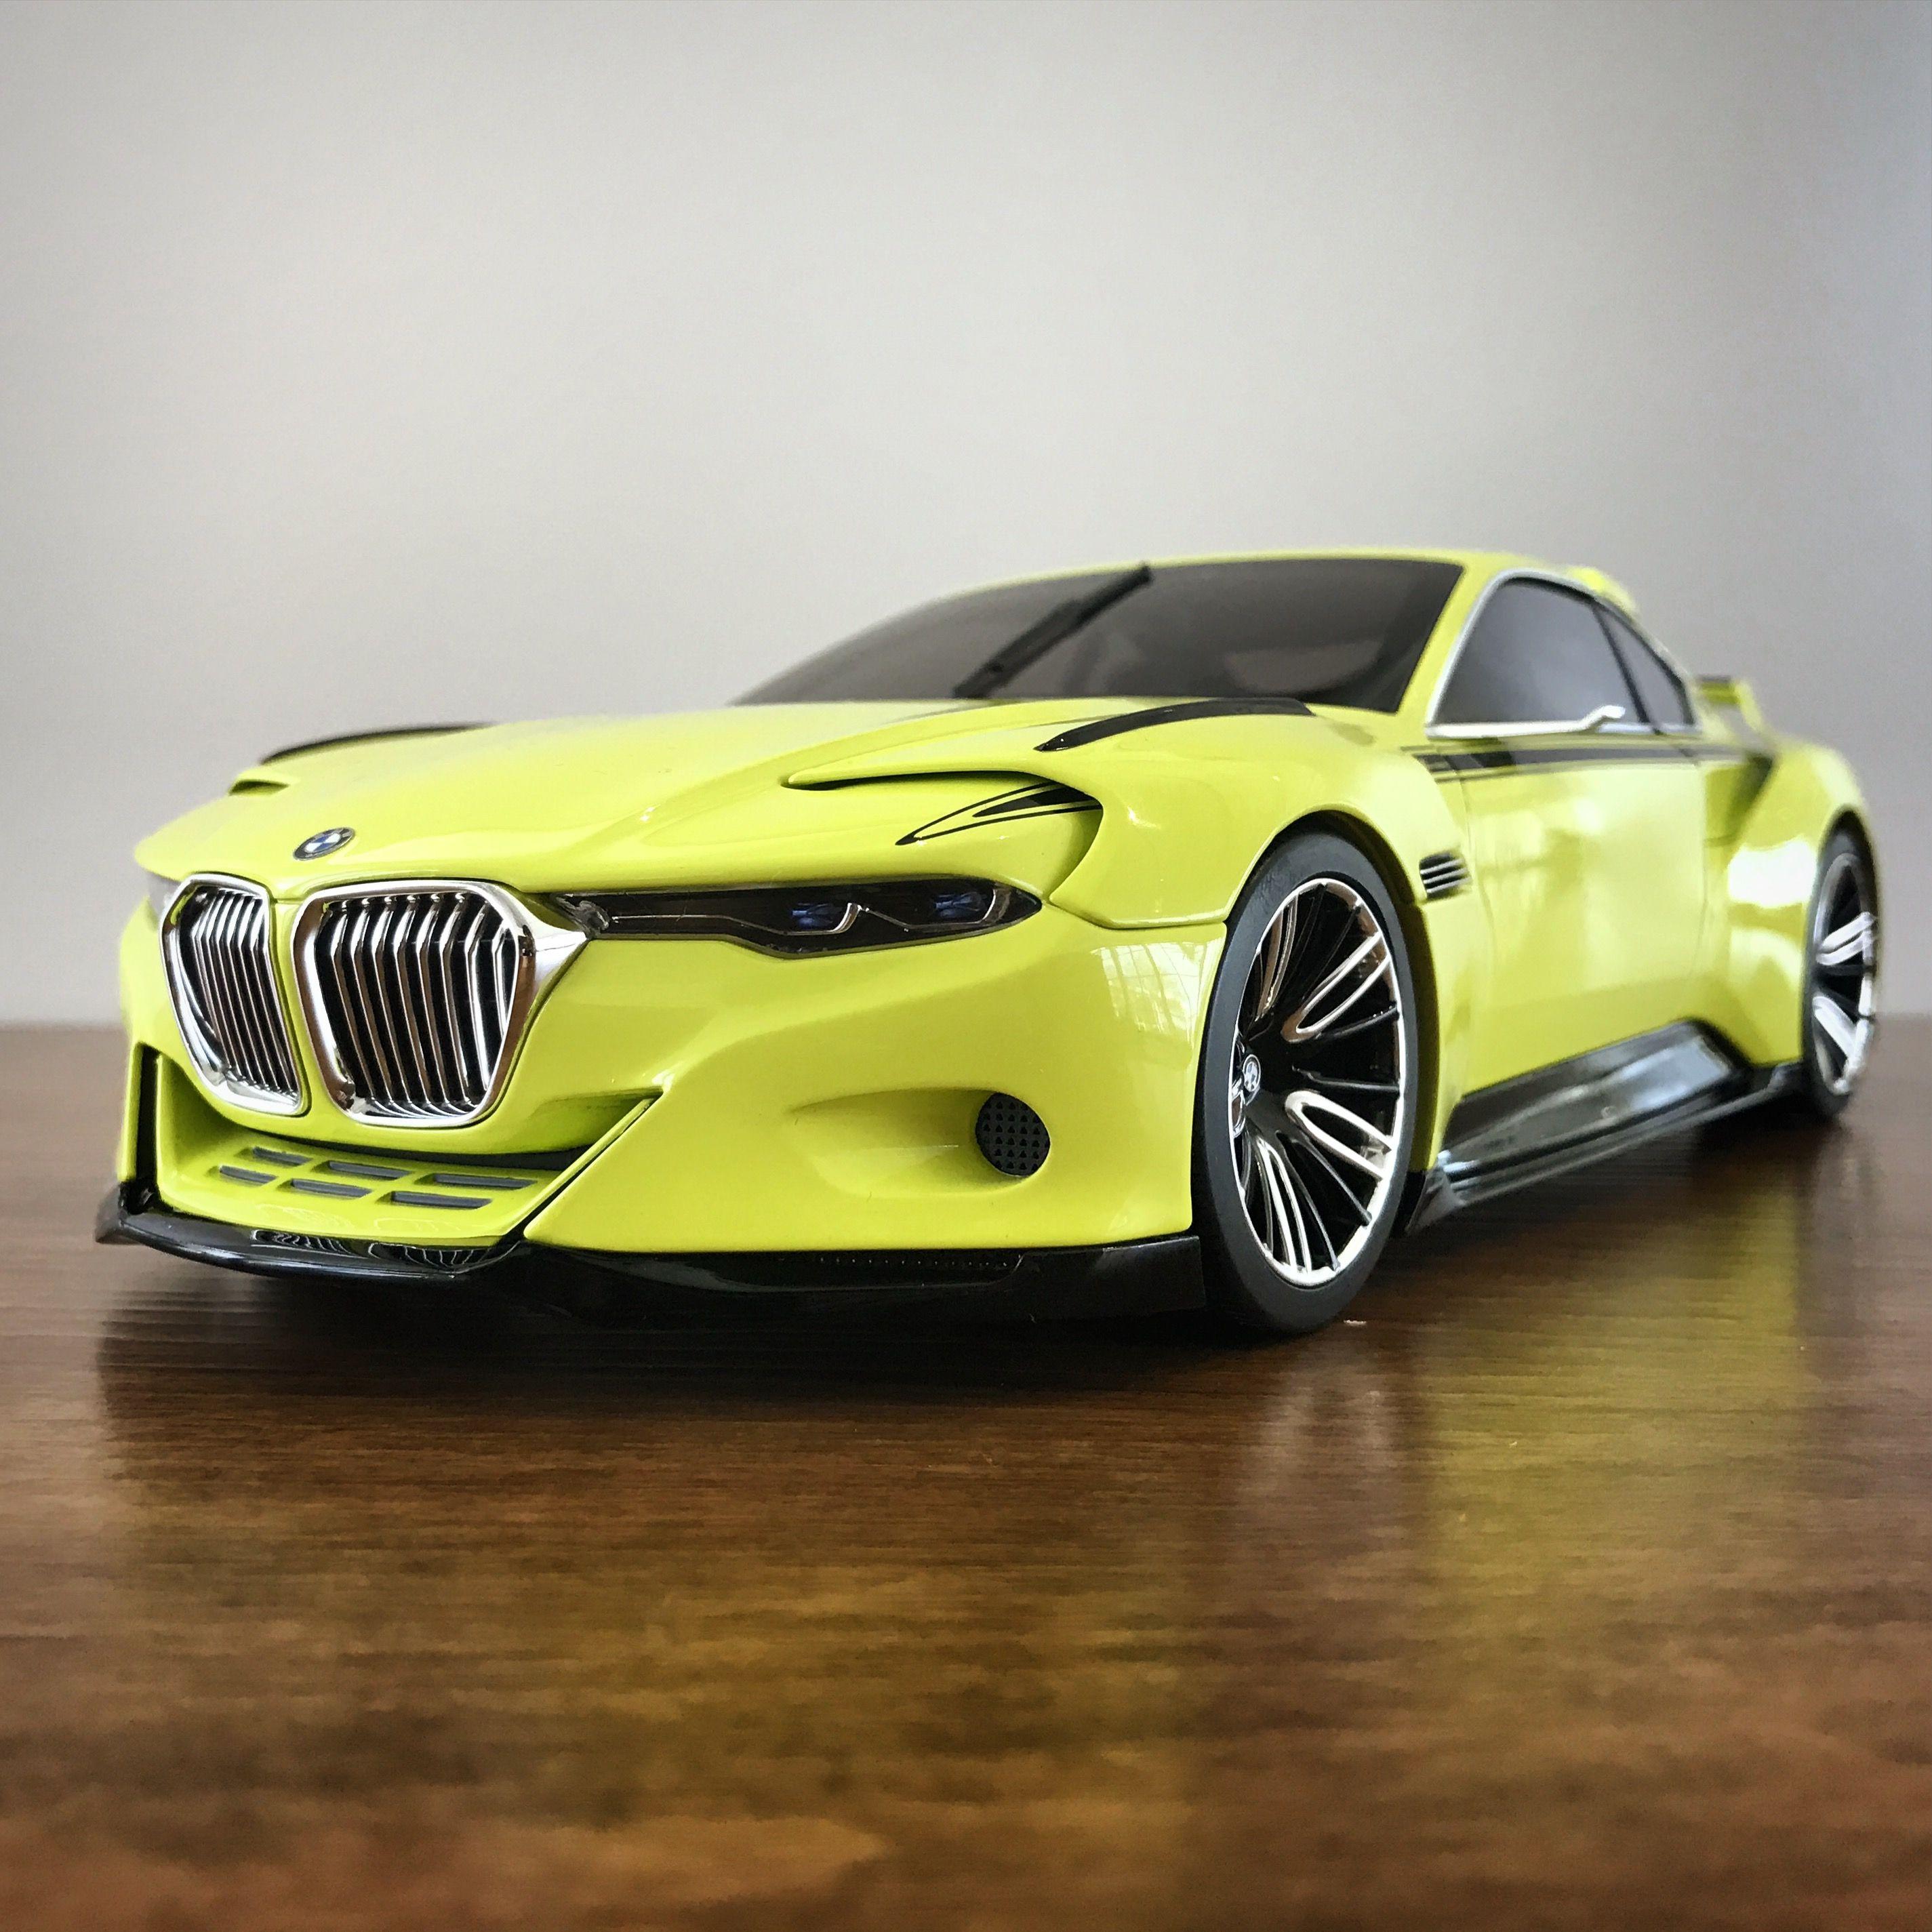 Bmw Z8 Bond: BMW Z8 Silver Kyosho 08511S Models Cars Pinterestcom